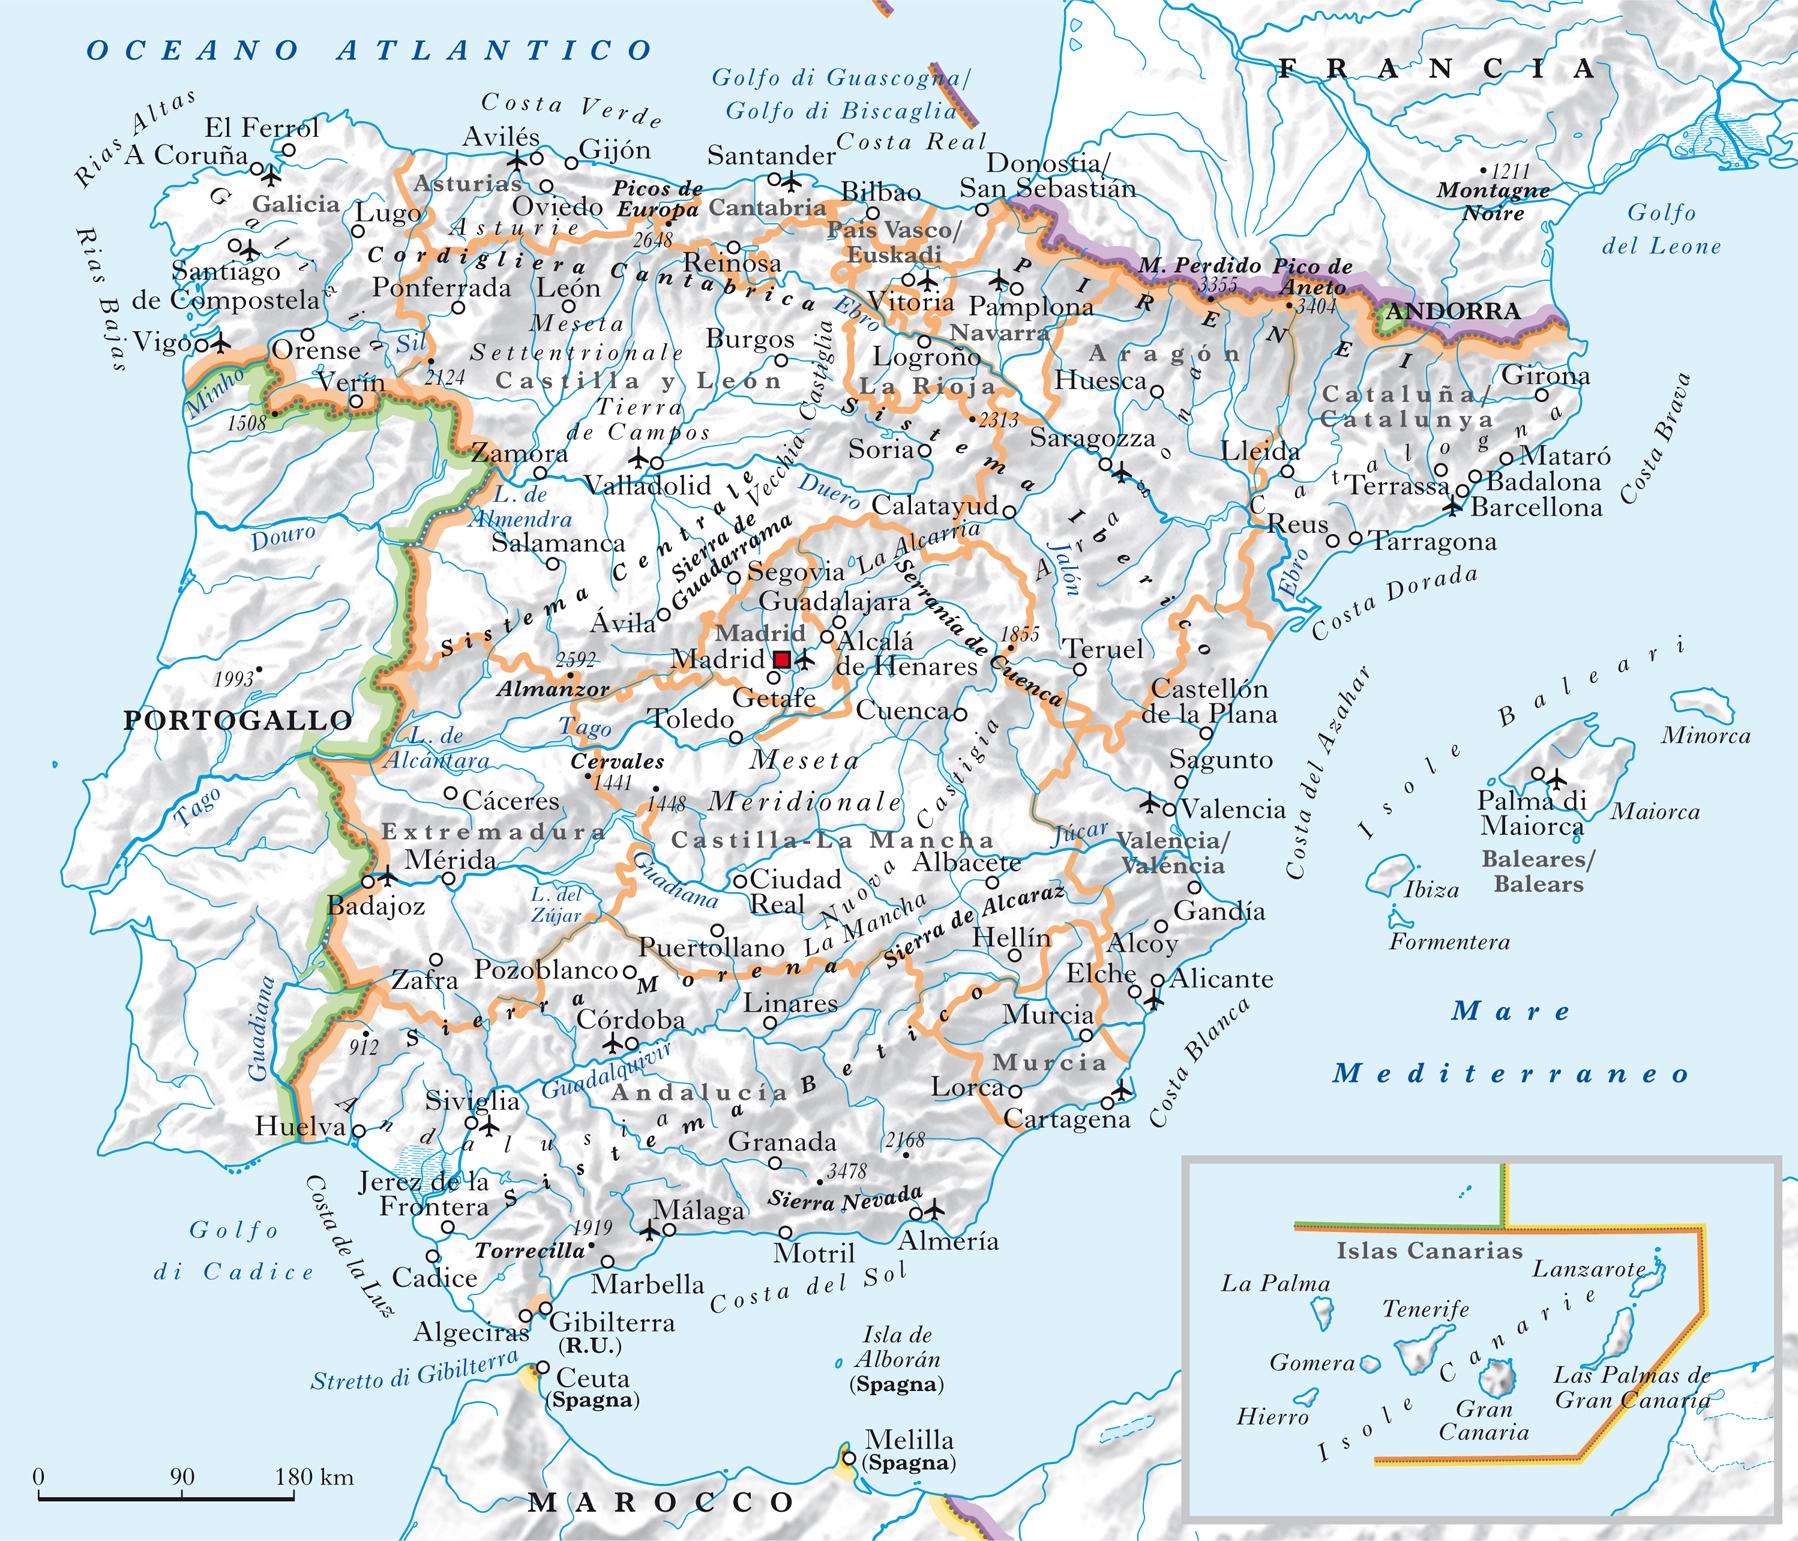 Cartina Della Spagna Con Le Regioni.Spagna Nell Enciclopedia Treccani